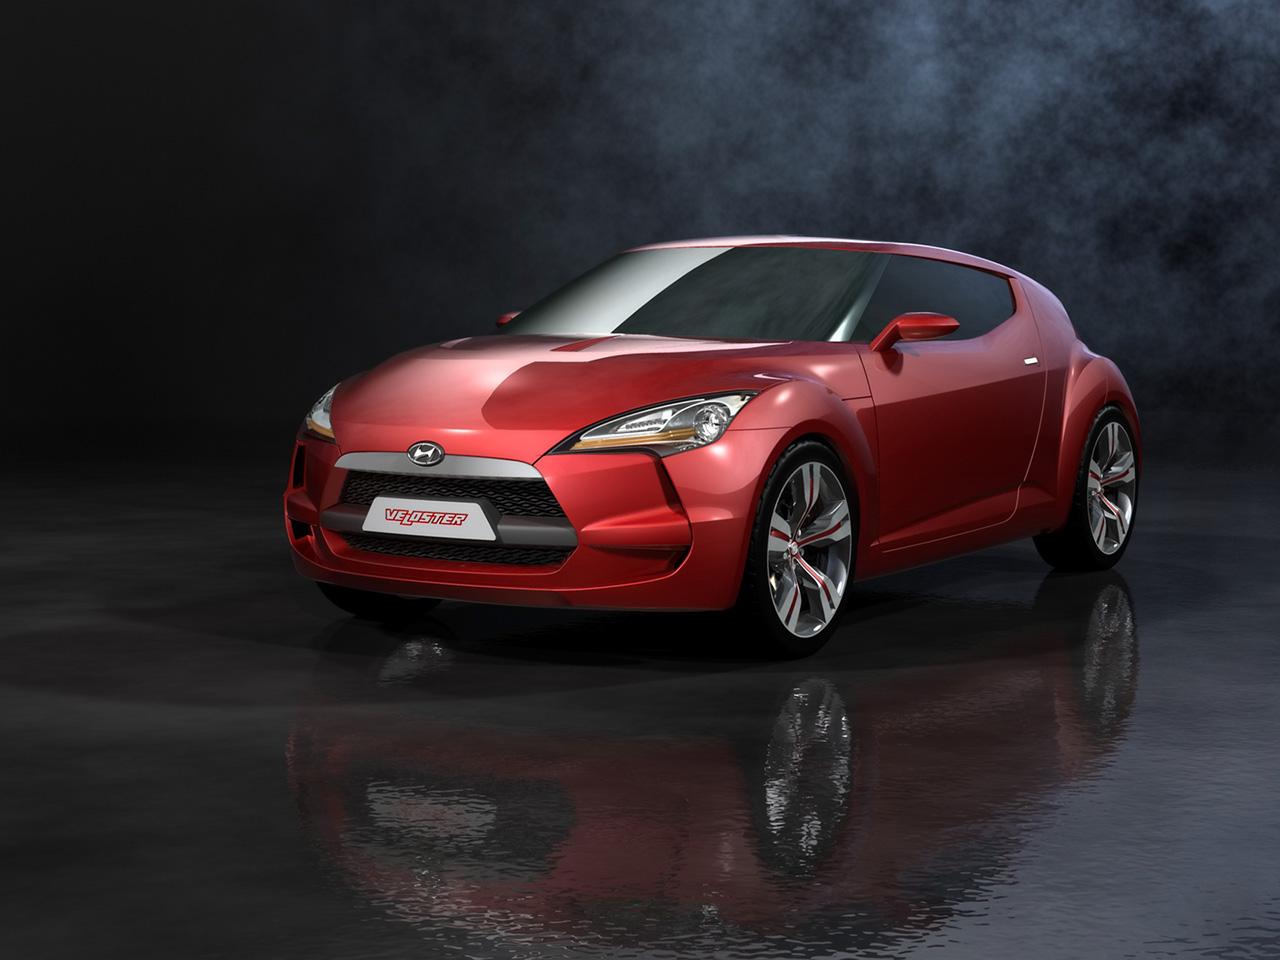 C'est au salon de Détroit que l'on peut avoir un aperçu du nouveau concept car de Hyundai, le Velost...